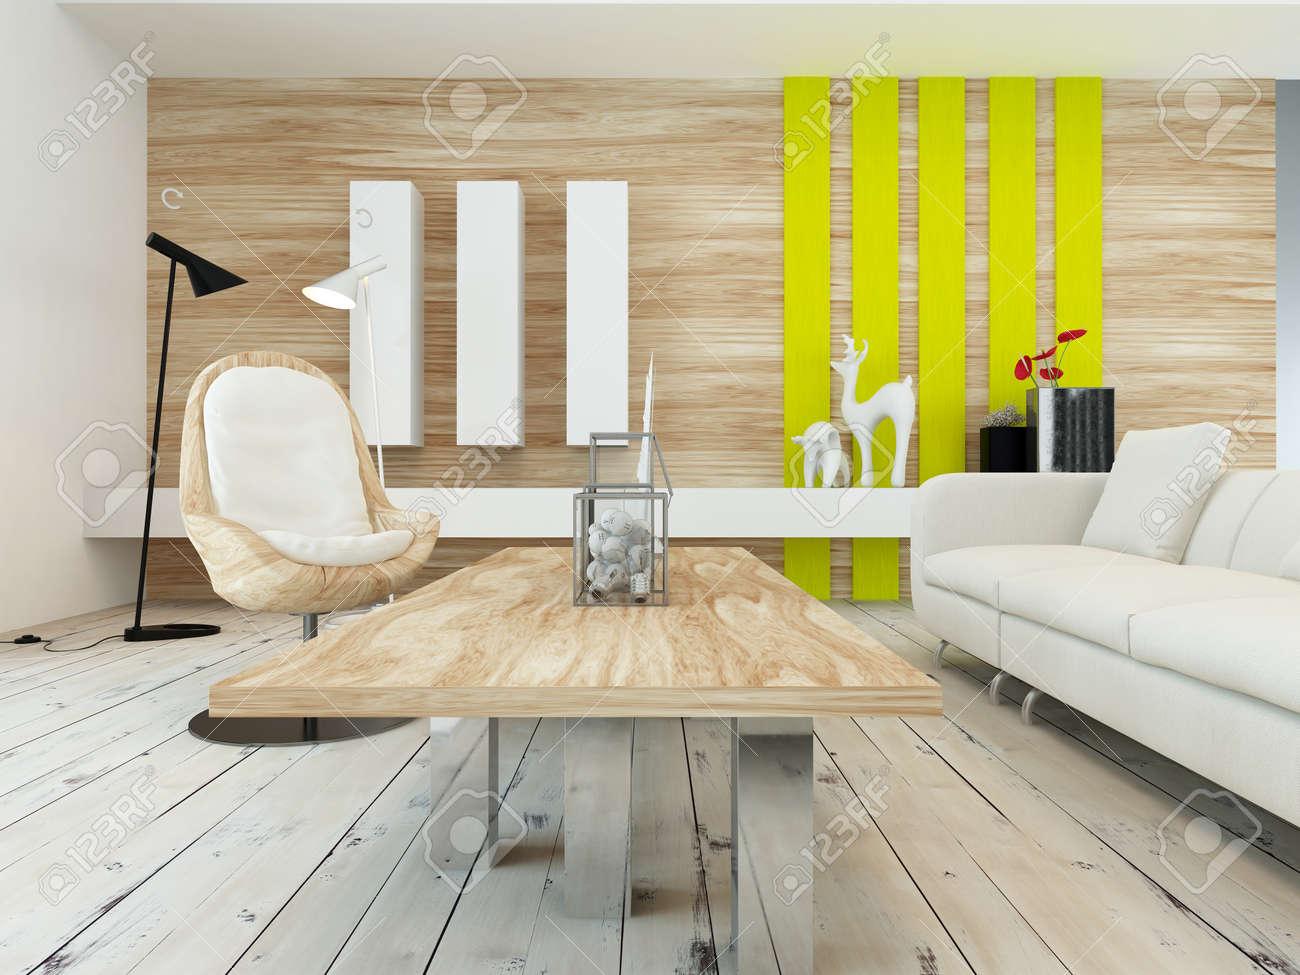 Salotto Moderno Legno : Décor rustico in un salotto moderno con un muro di legno con accenti